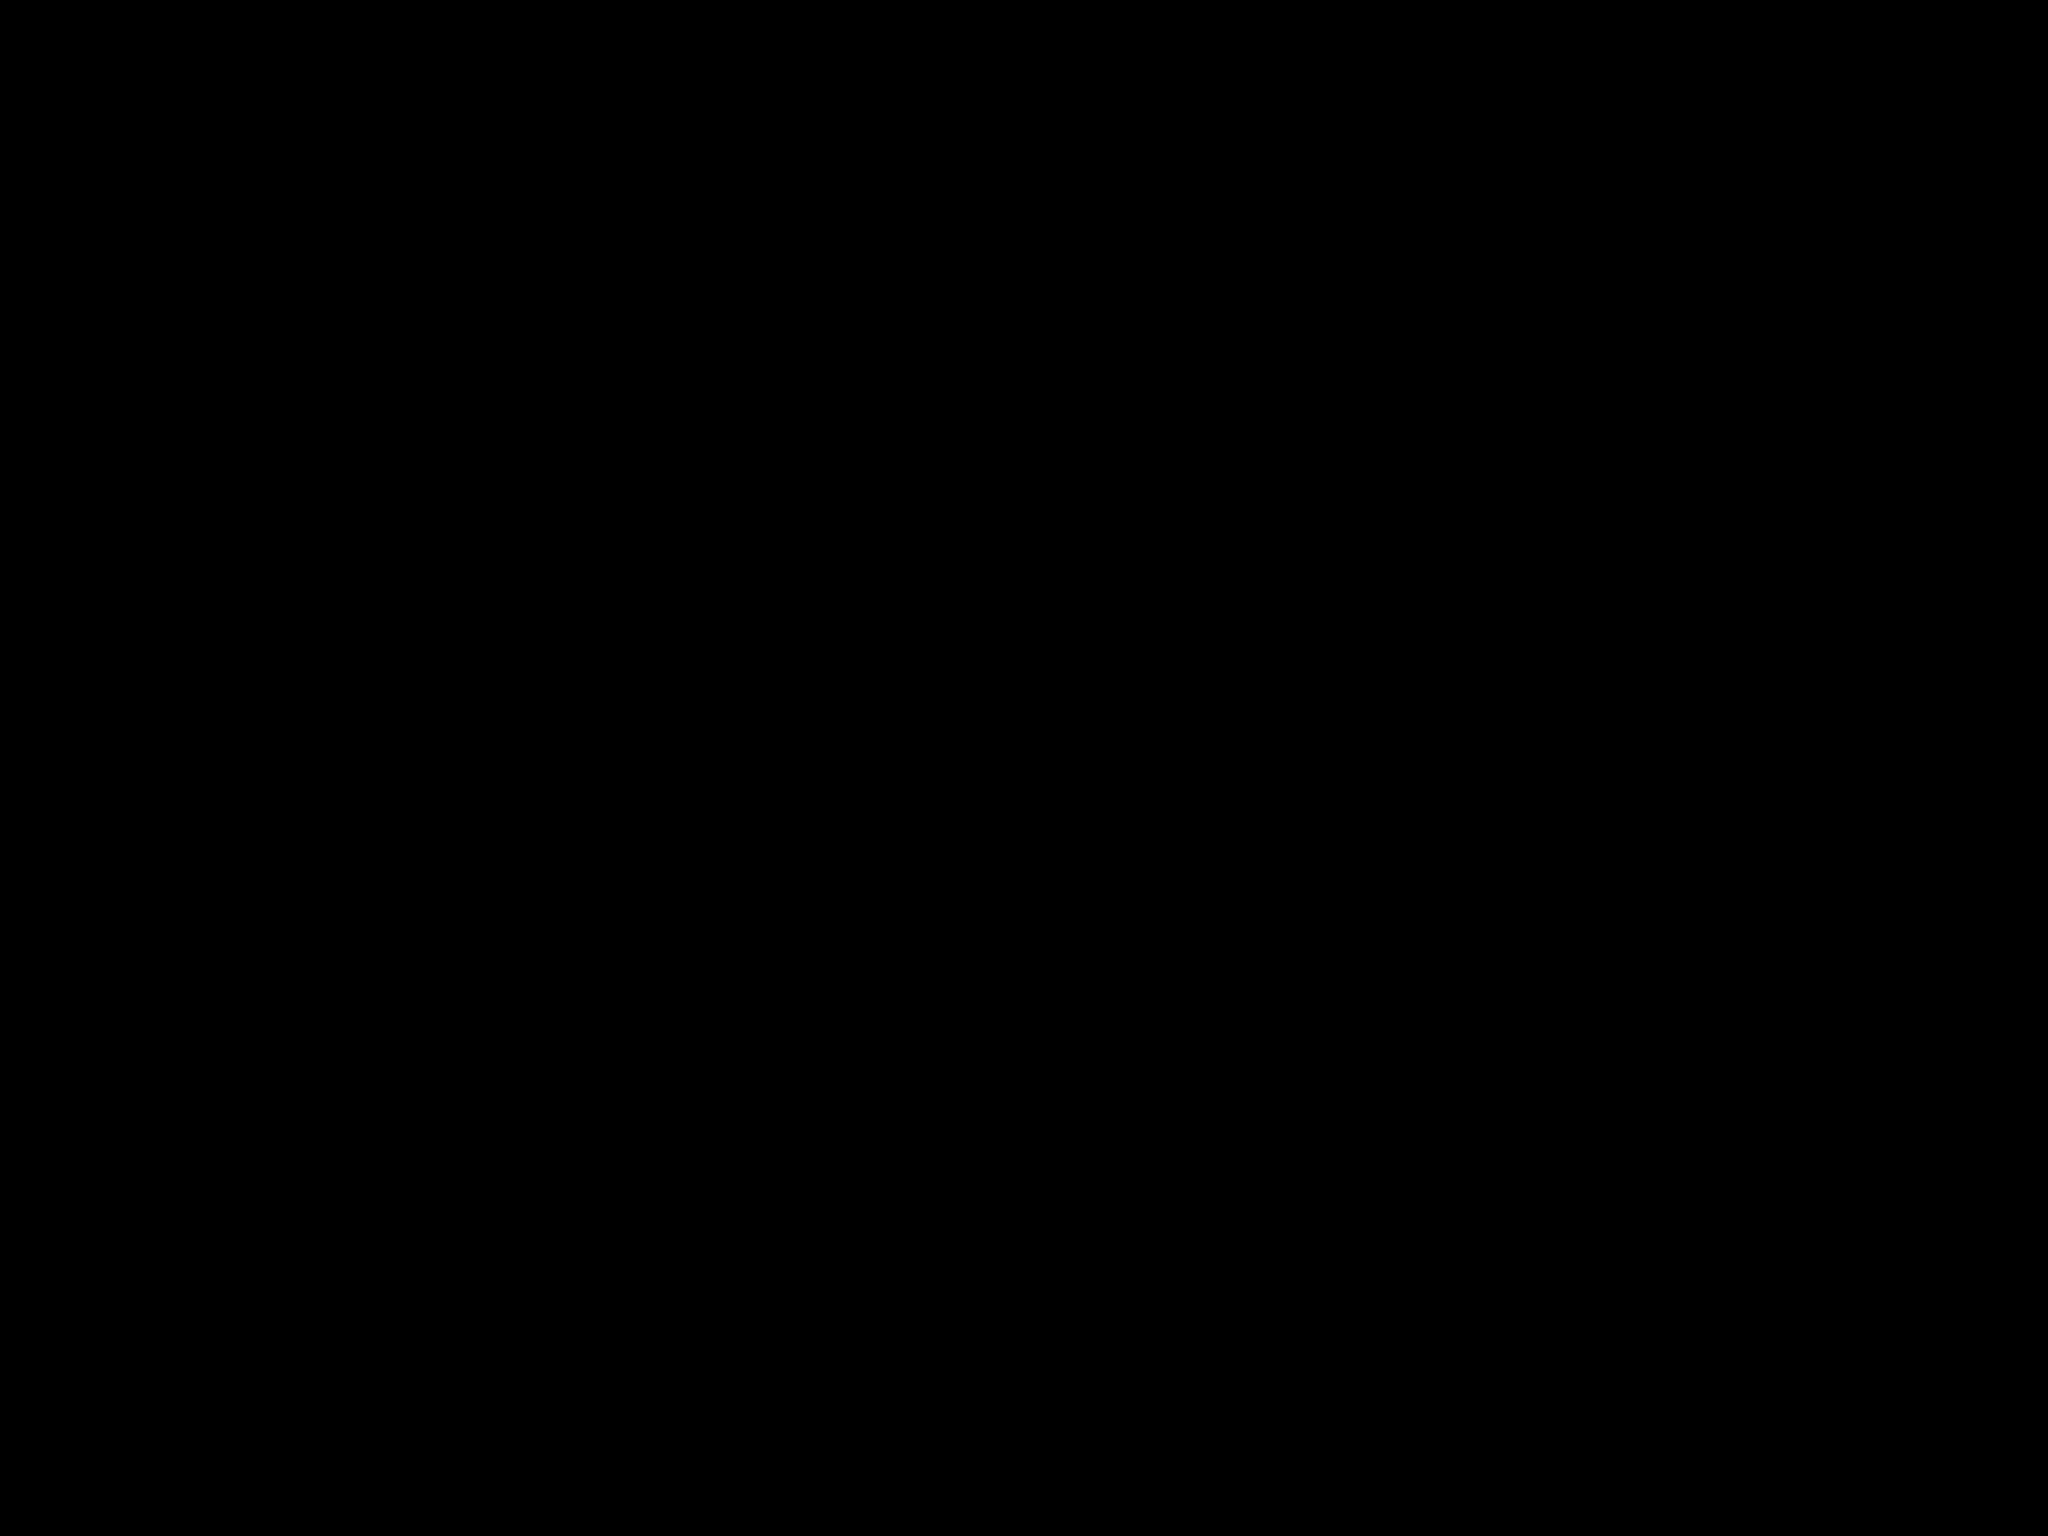 rret-og-eggerre